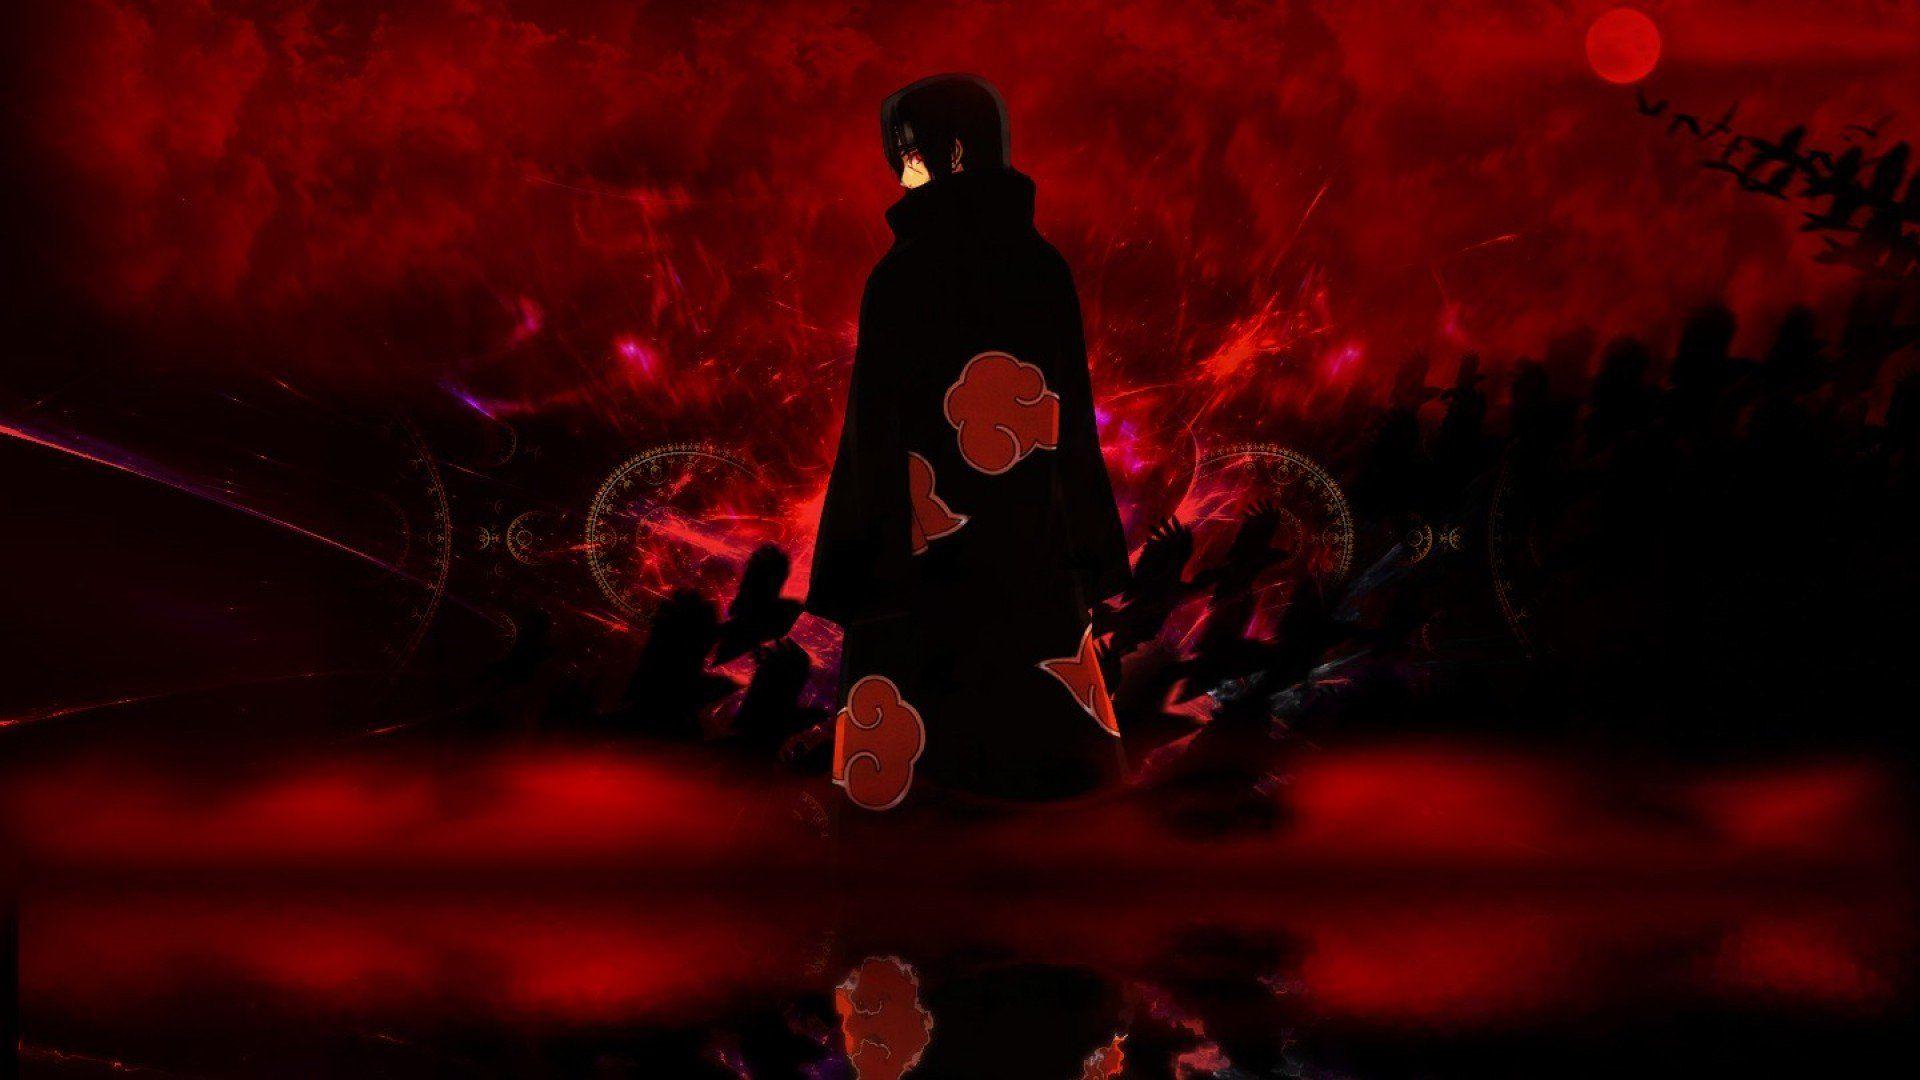 Naruto Shippuden Itachi Wallpaper Images I0w Com Imagens Arte